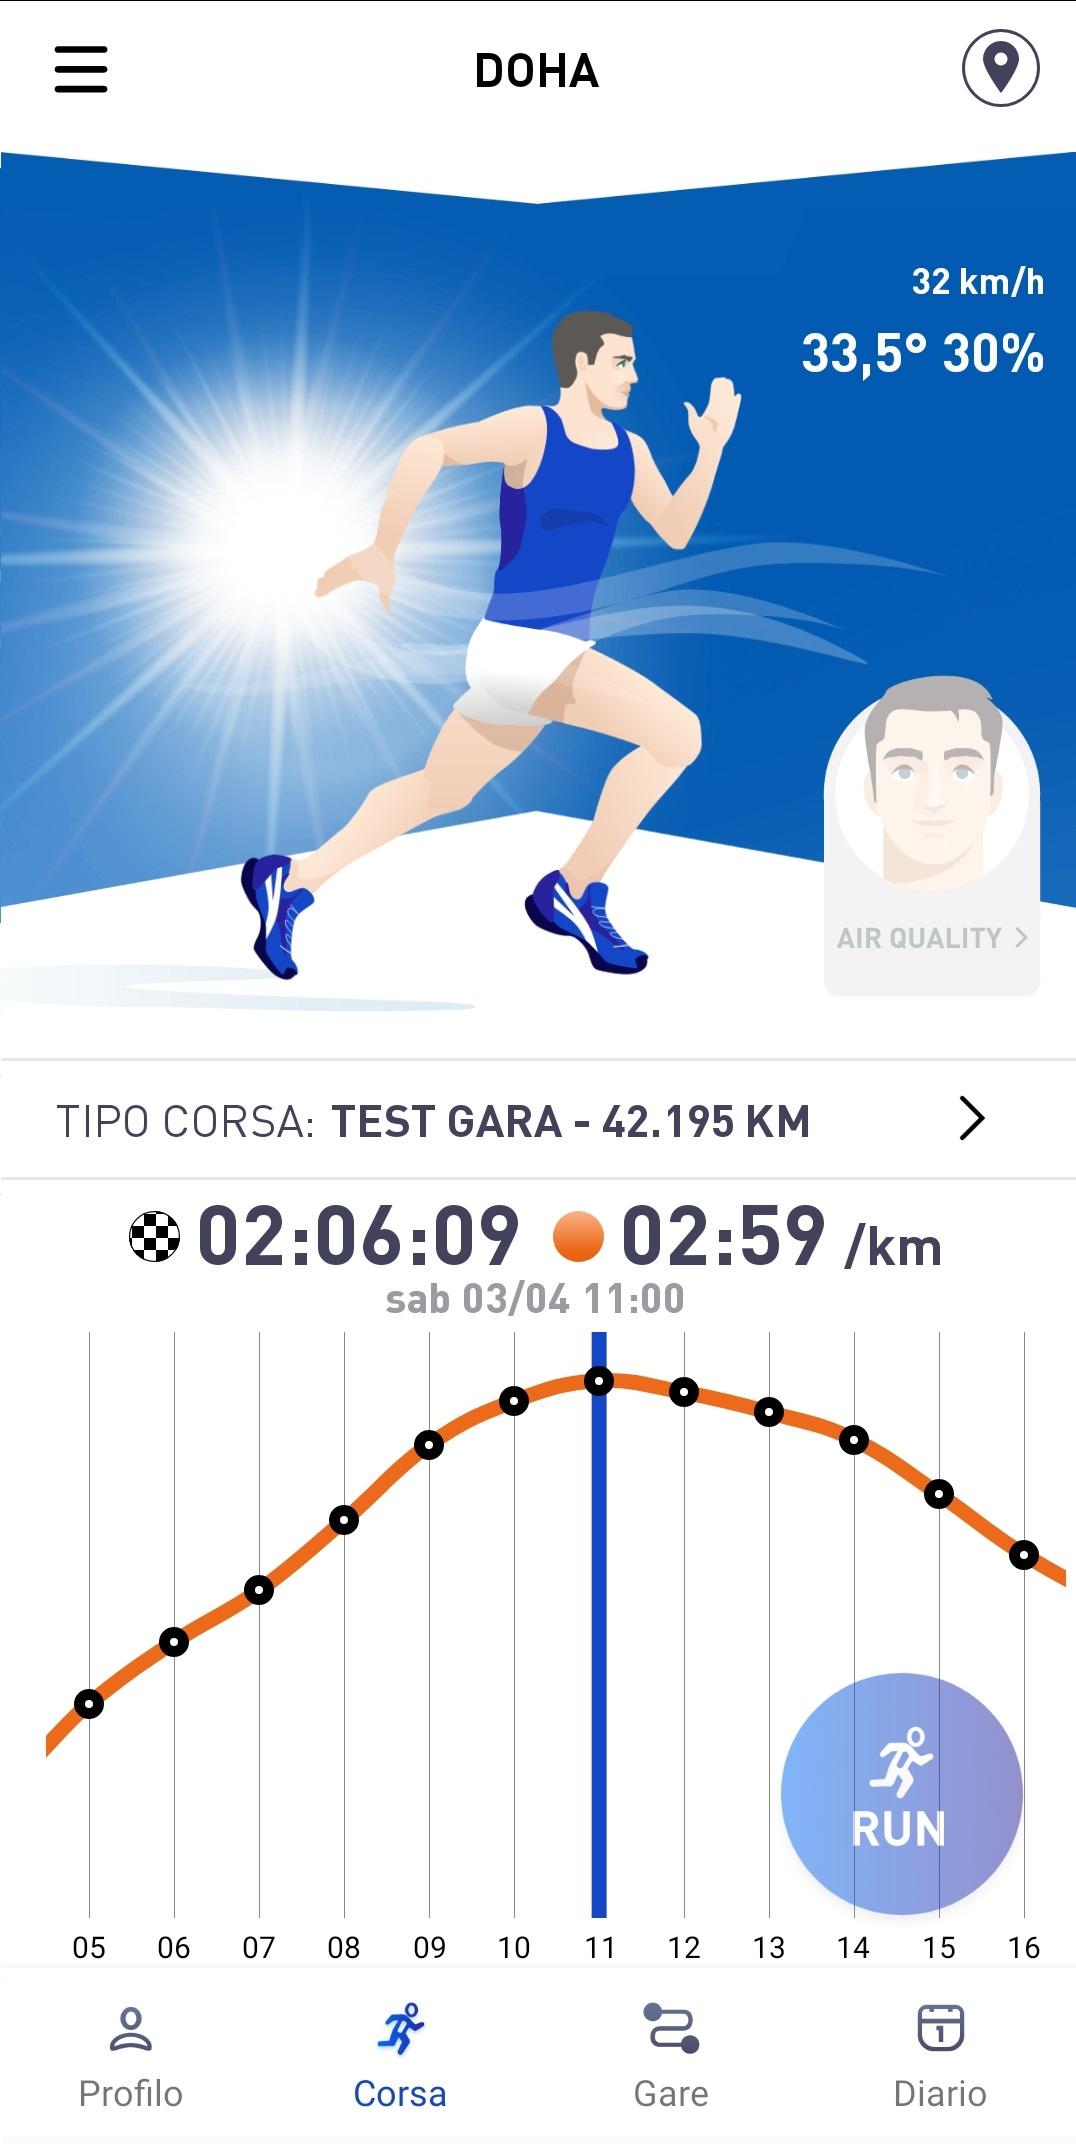 Simulazione per un atleta da 02:01:40 a Doha (Sabato 3 Aprile)